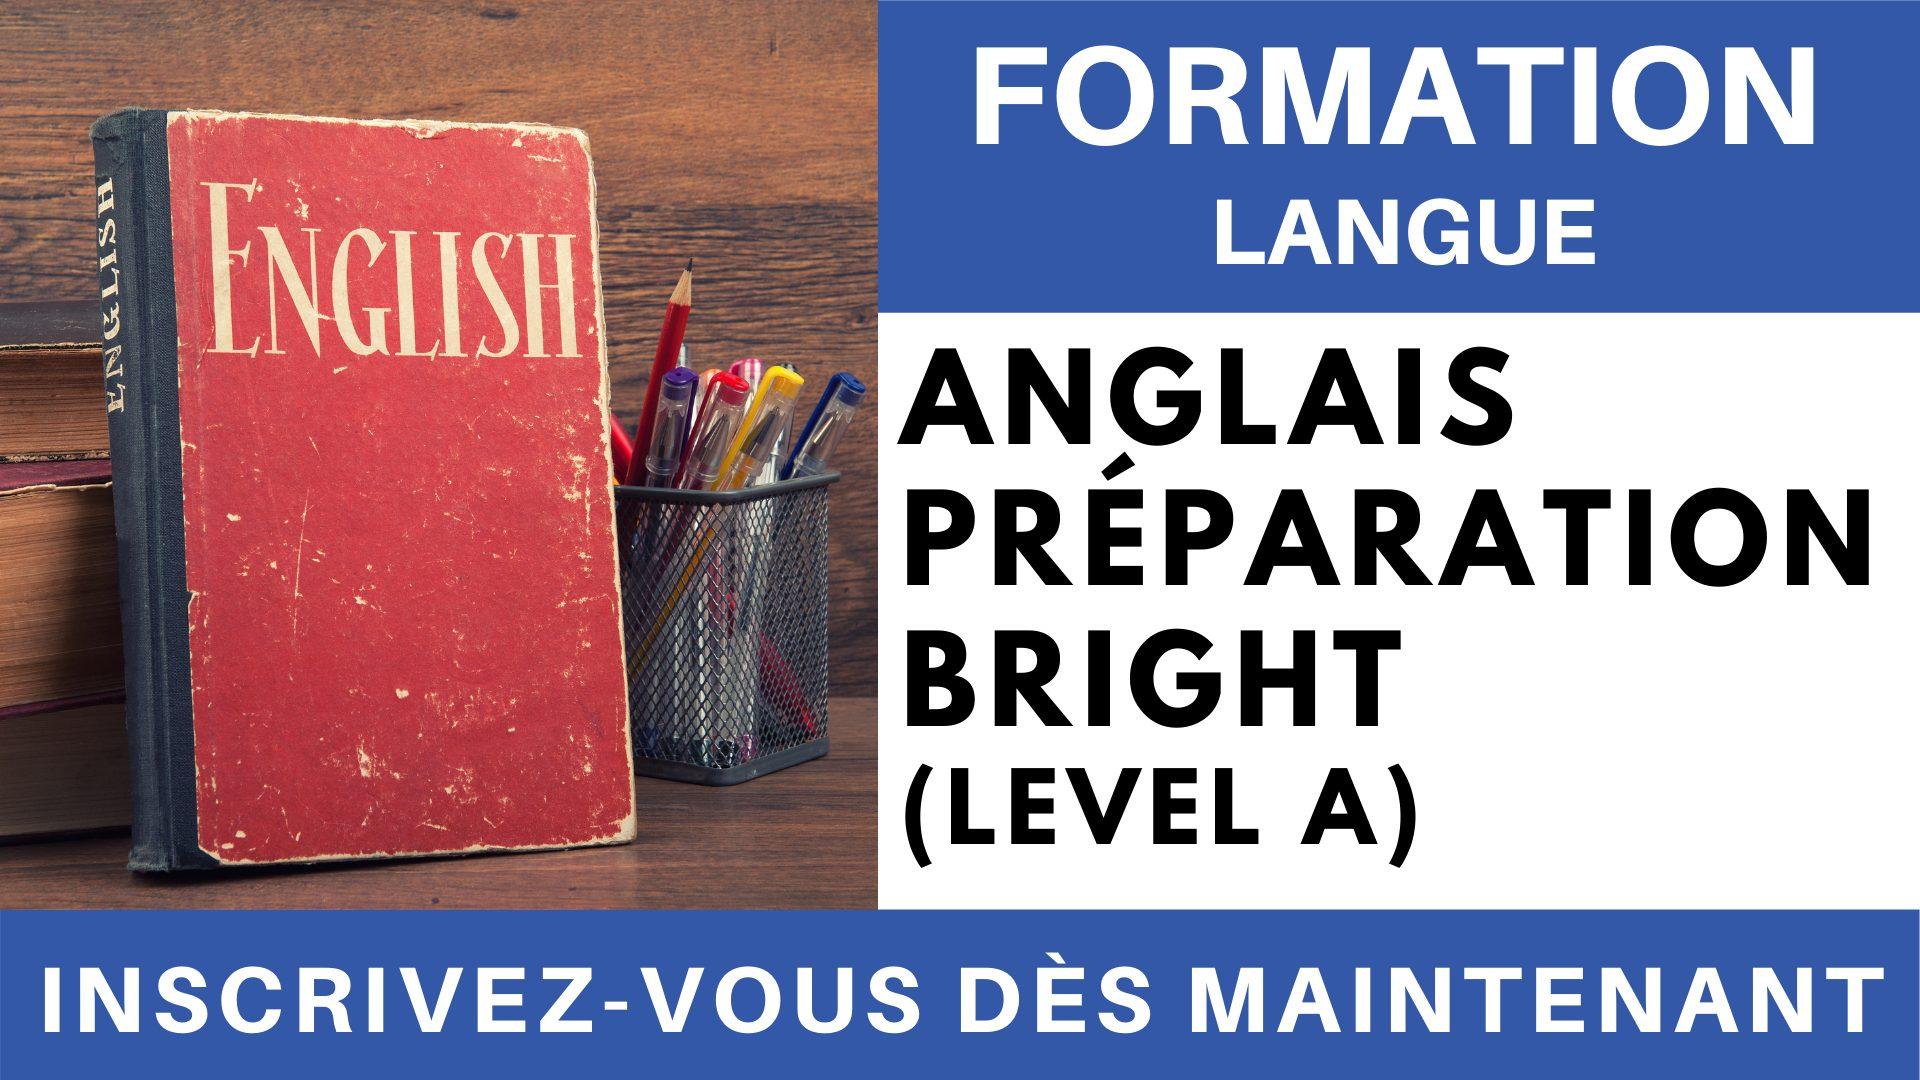 Formation Langue - Anglais Préparation BRIGHT Level A